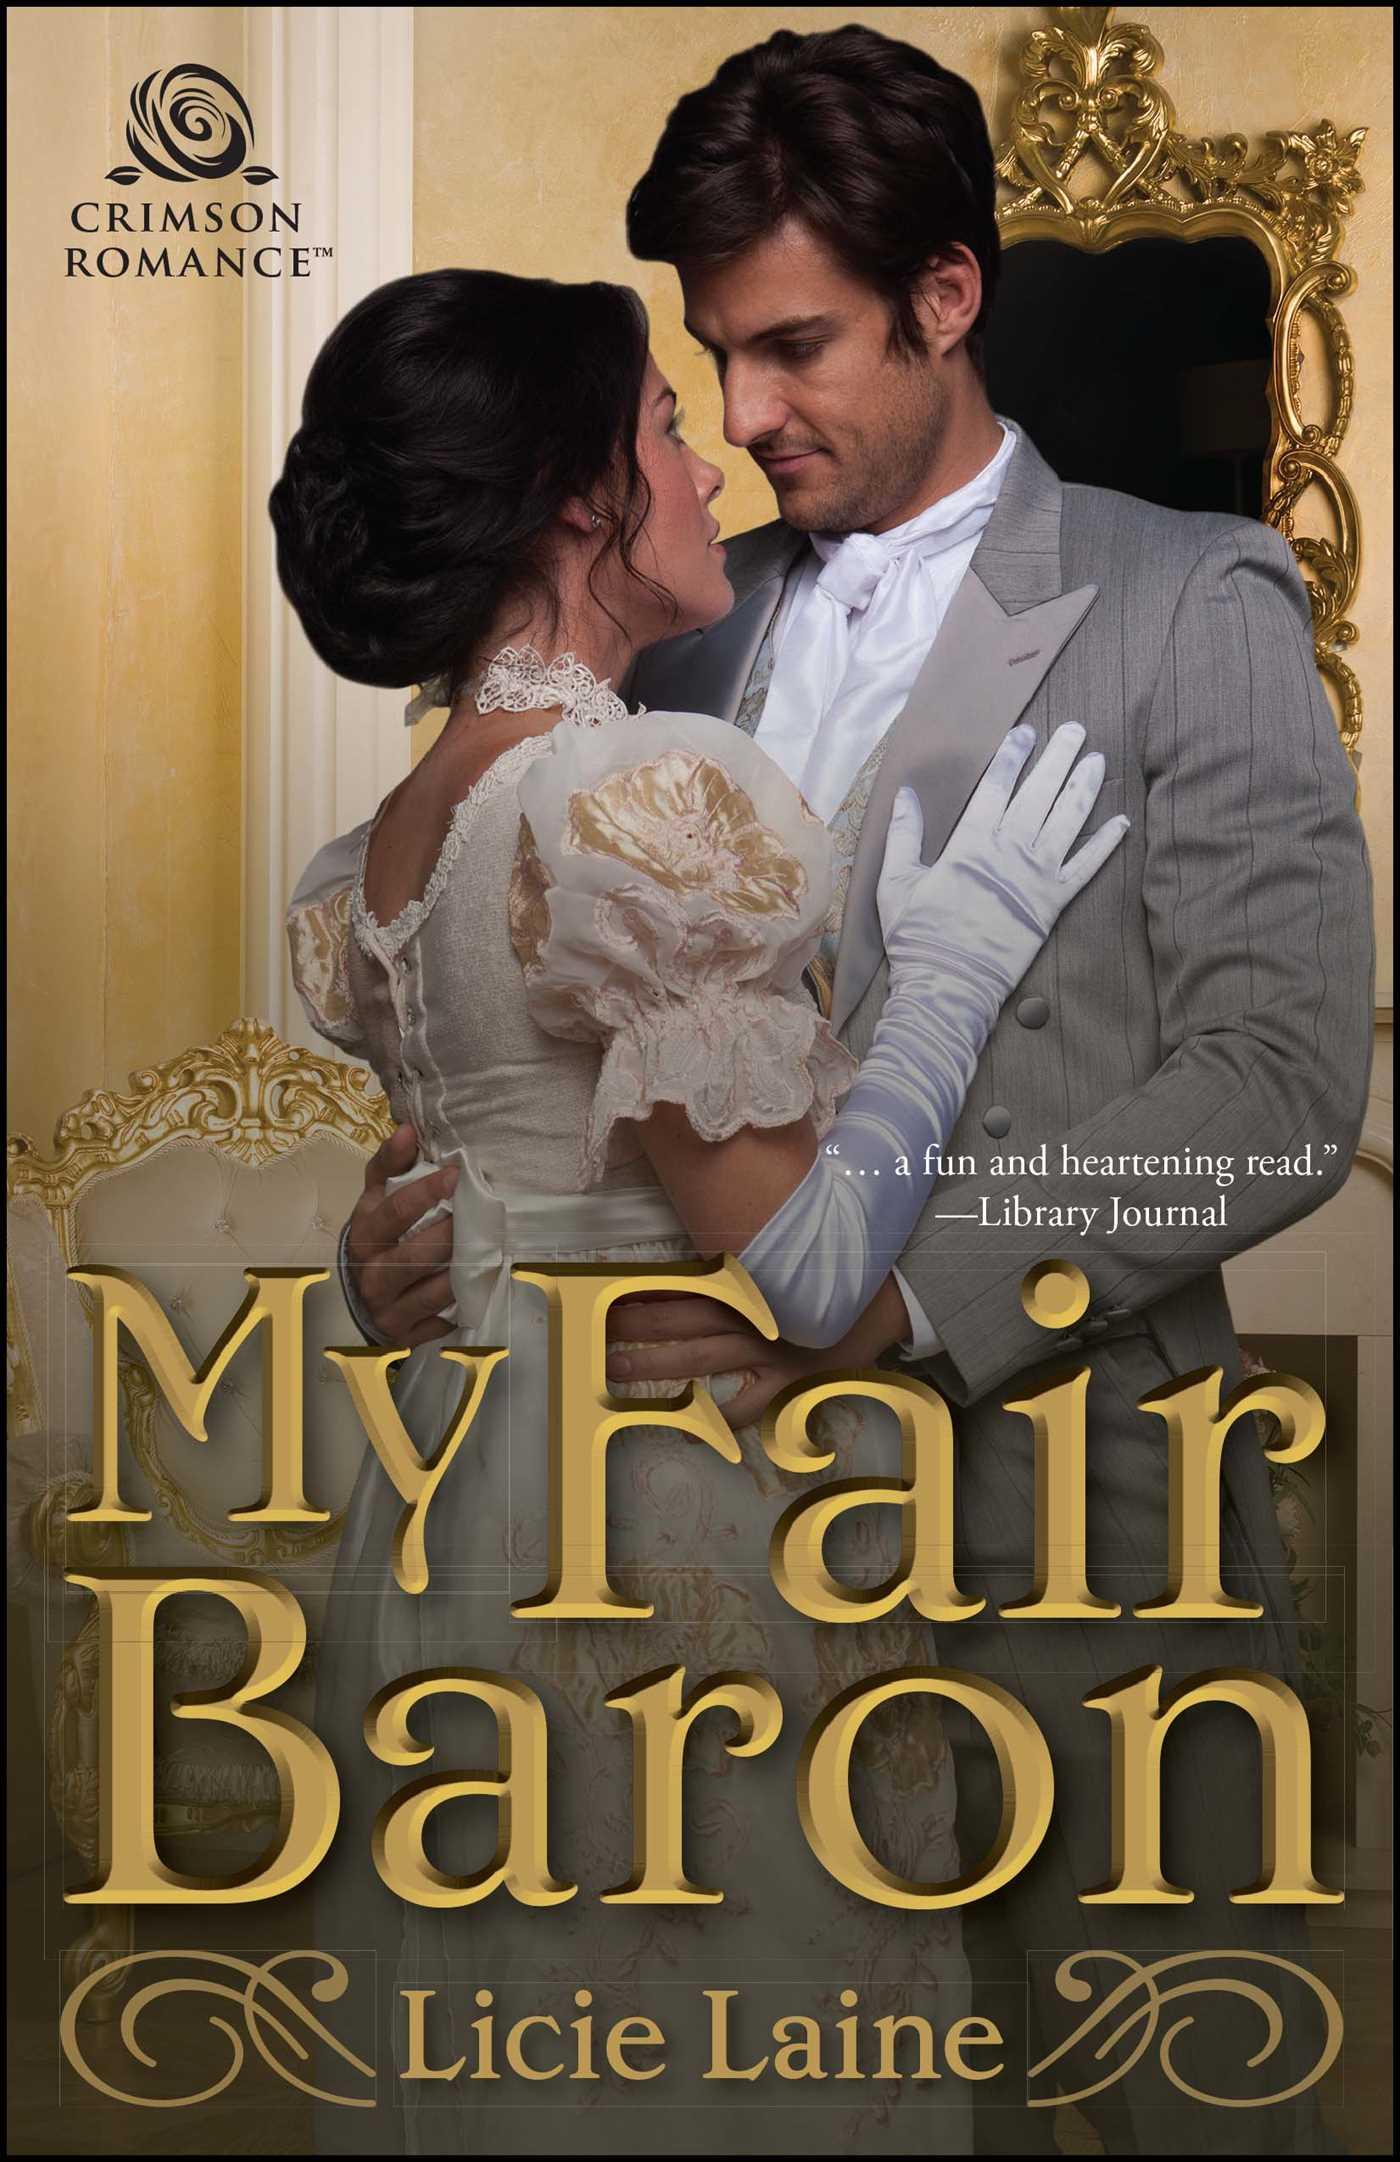 My fair baron 9781507206096 hr